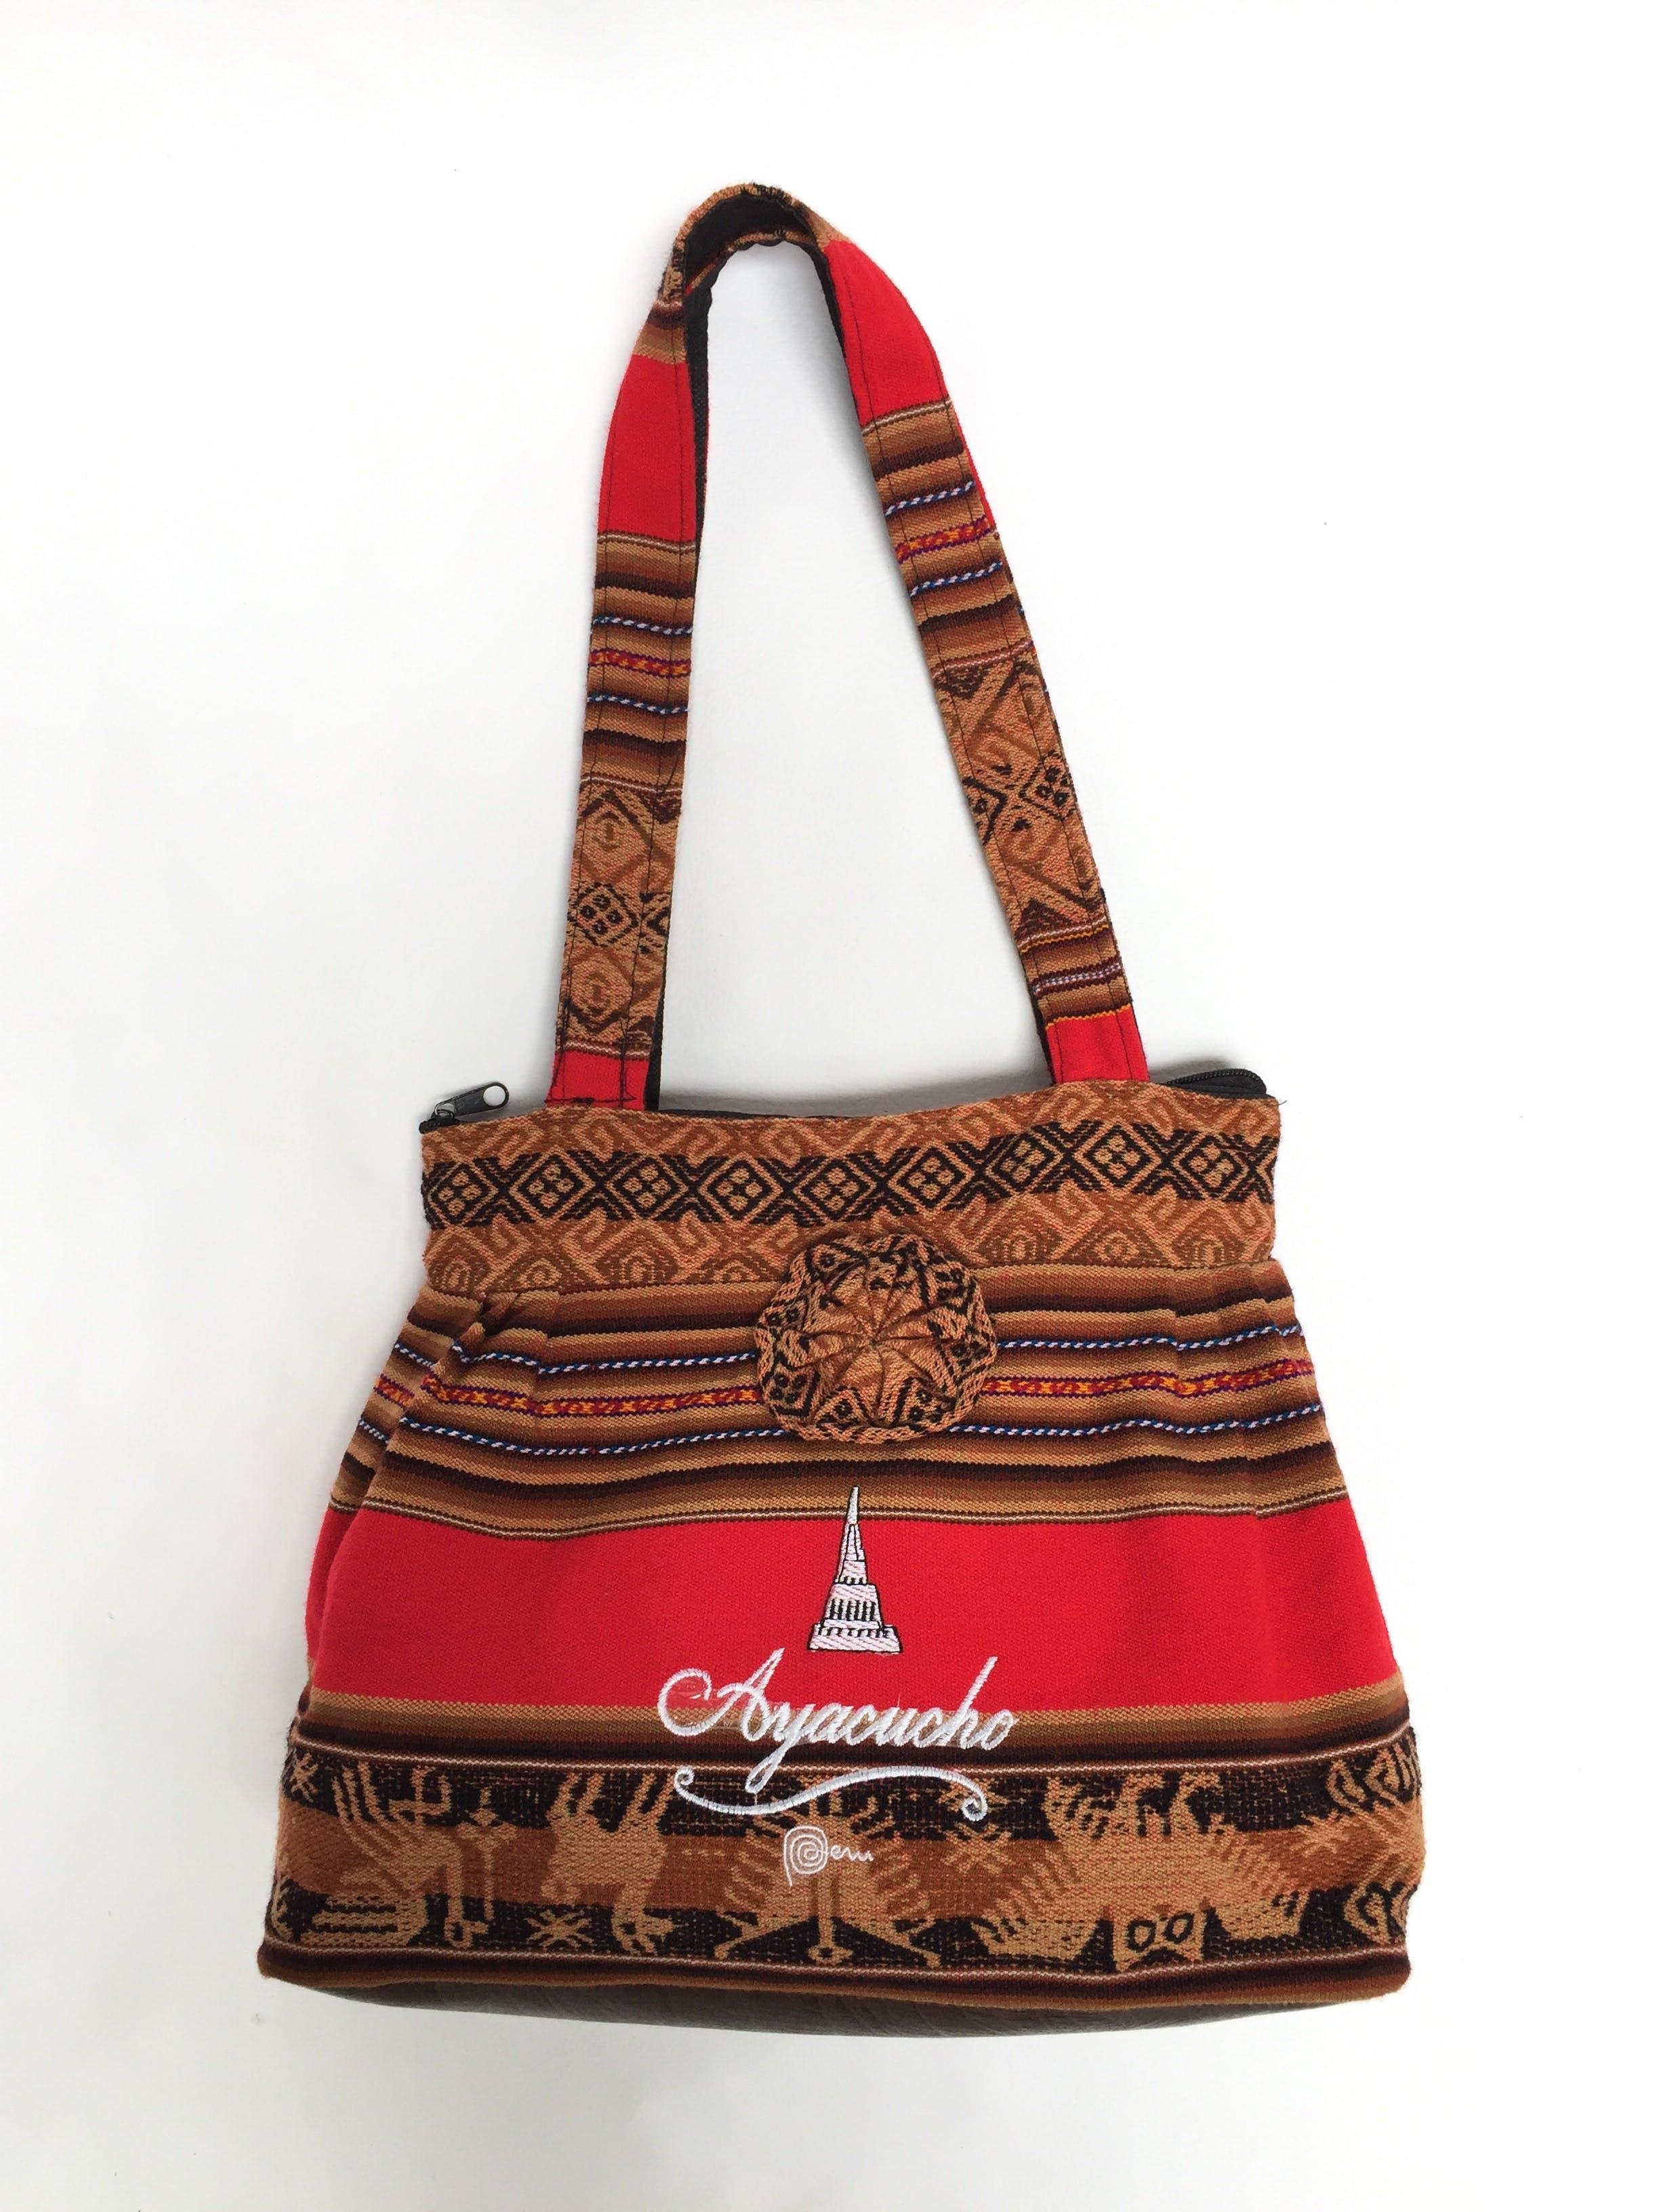 Cartera tejida en tonos marrones, rojos y azules, bordado blanco de Ayacucho, cierre, bolsillo interior, lleva forro y base de cuerina marrón Alto: 27 cm Largo: 42 cm Ancho: 13 cm